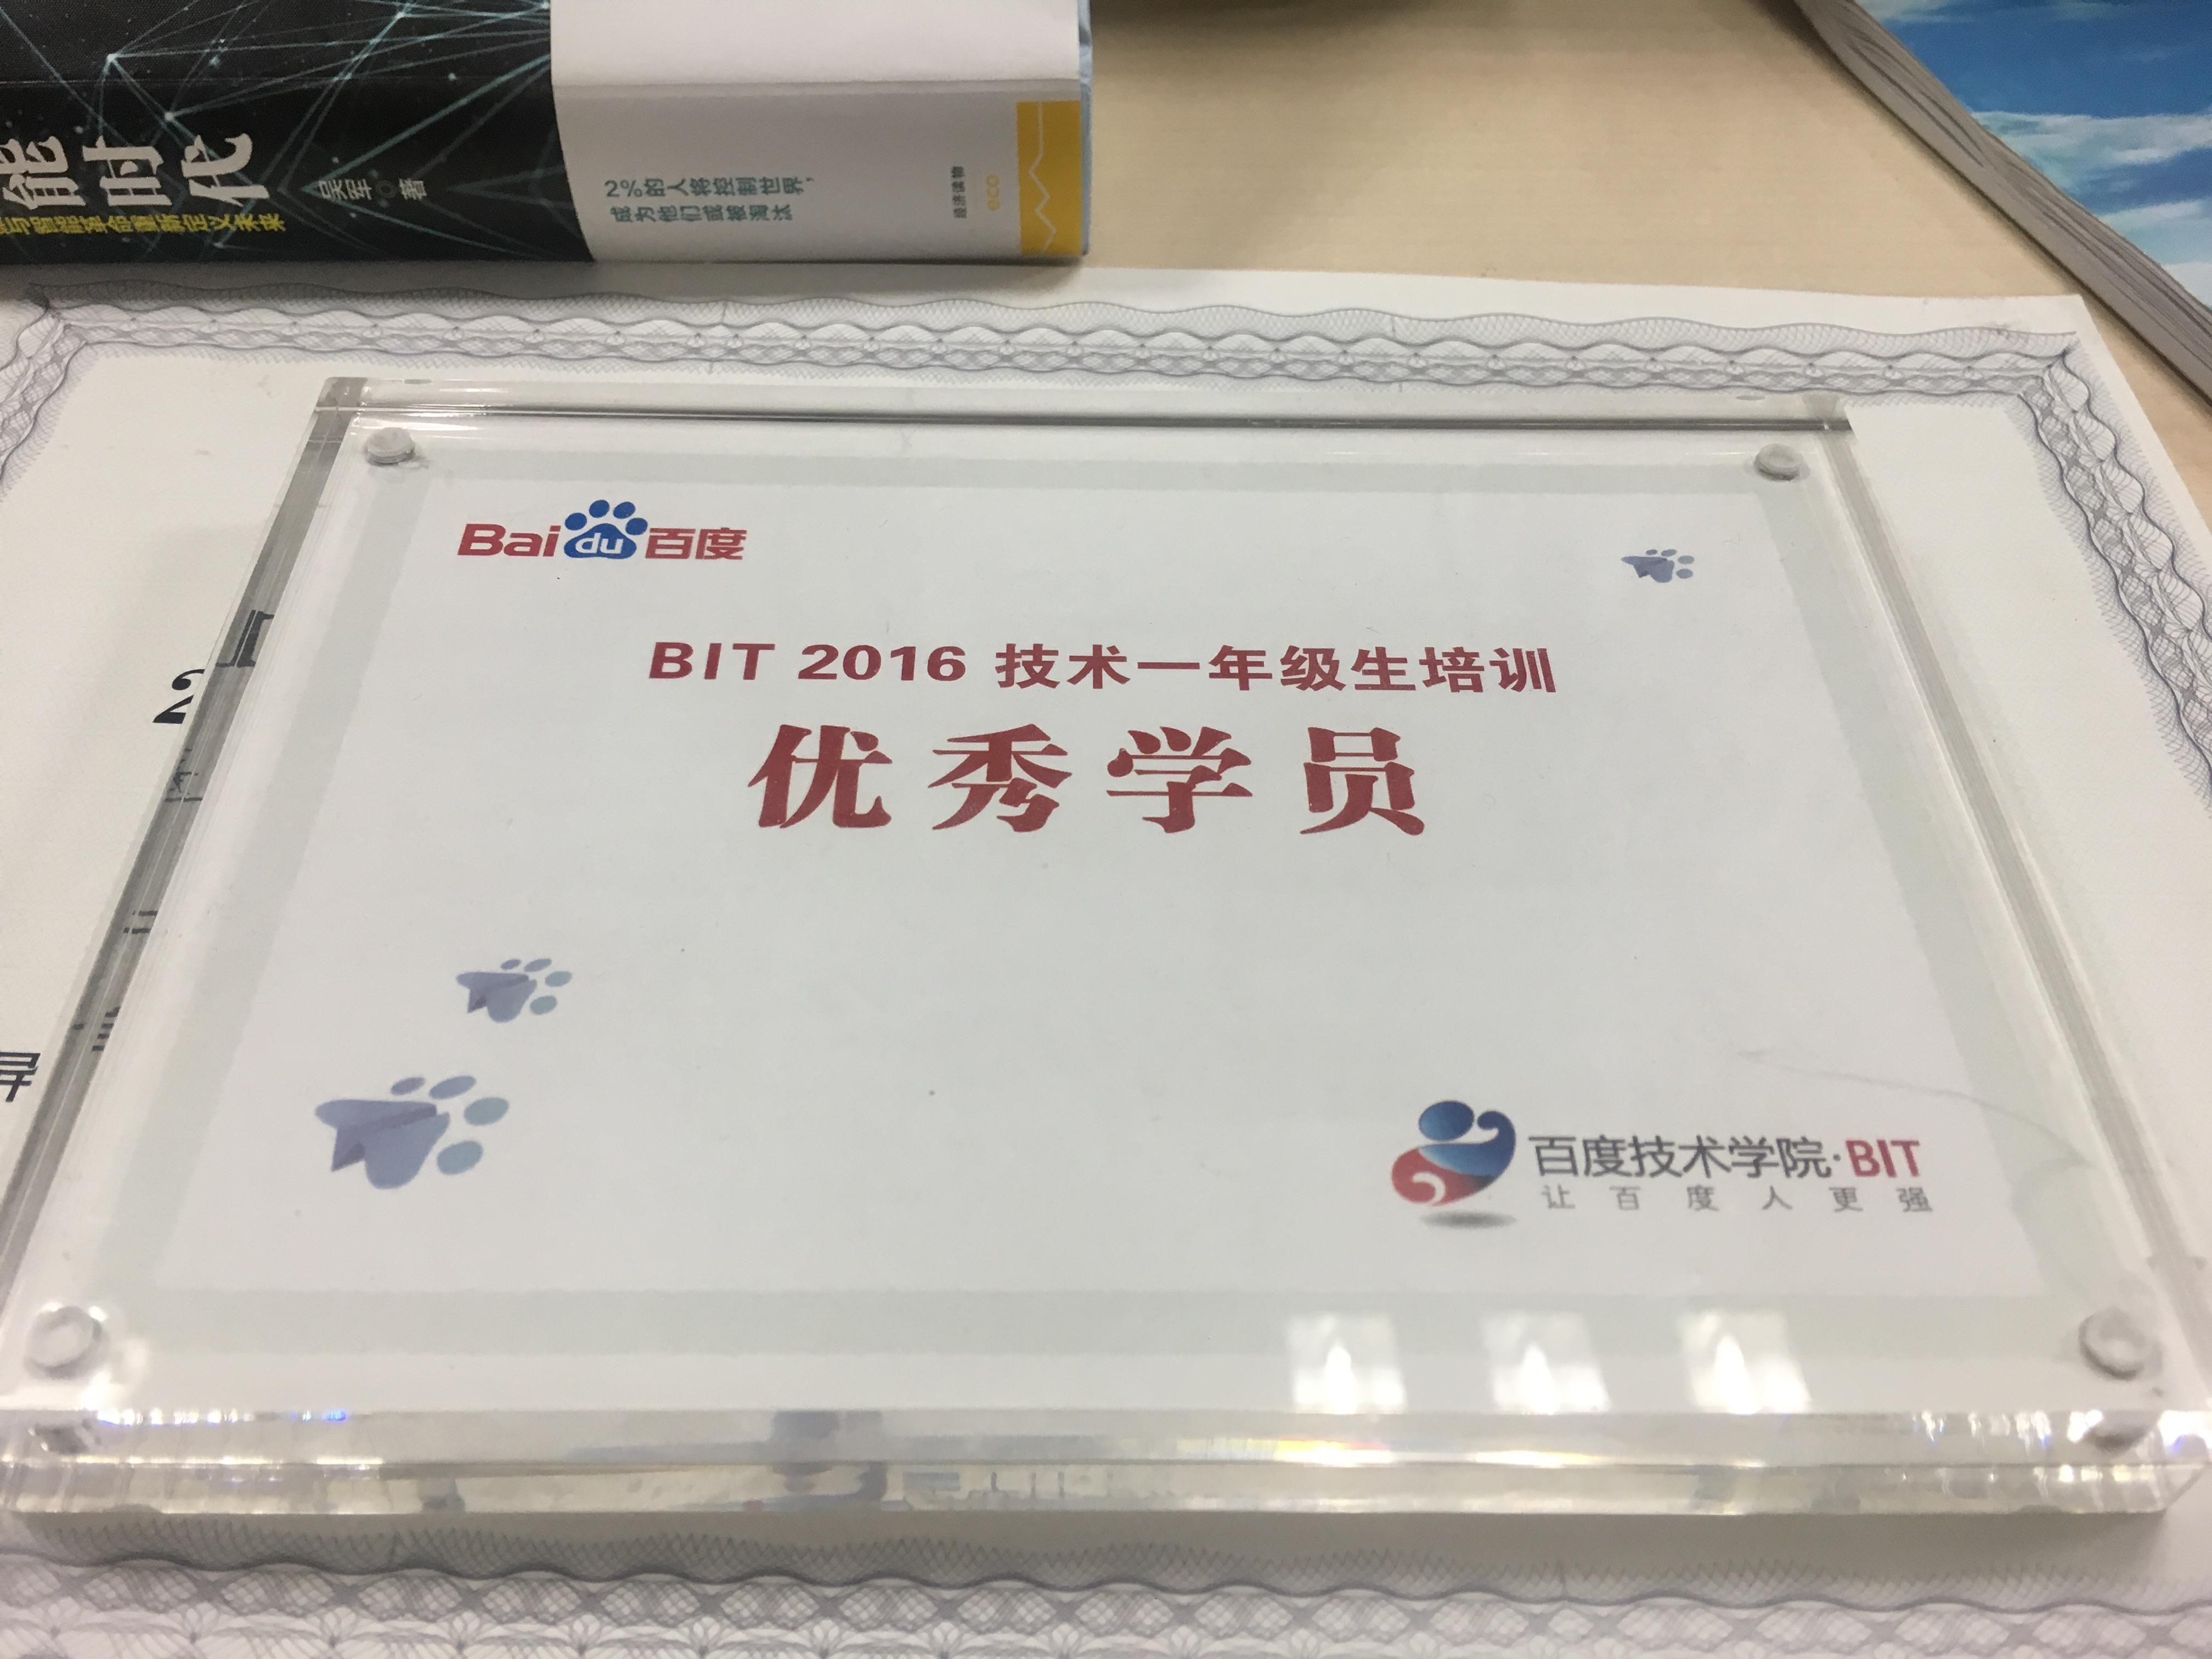 BIT 2016 技术一年级培训优秀学员认证